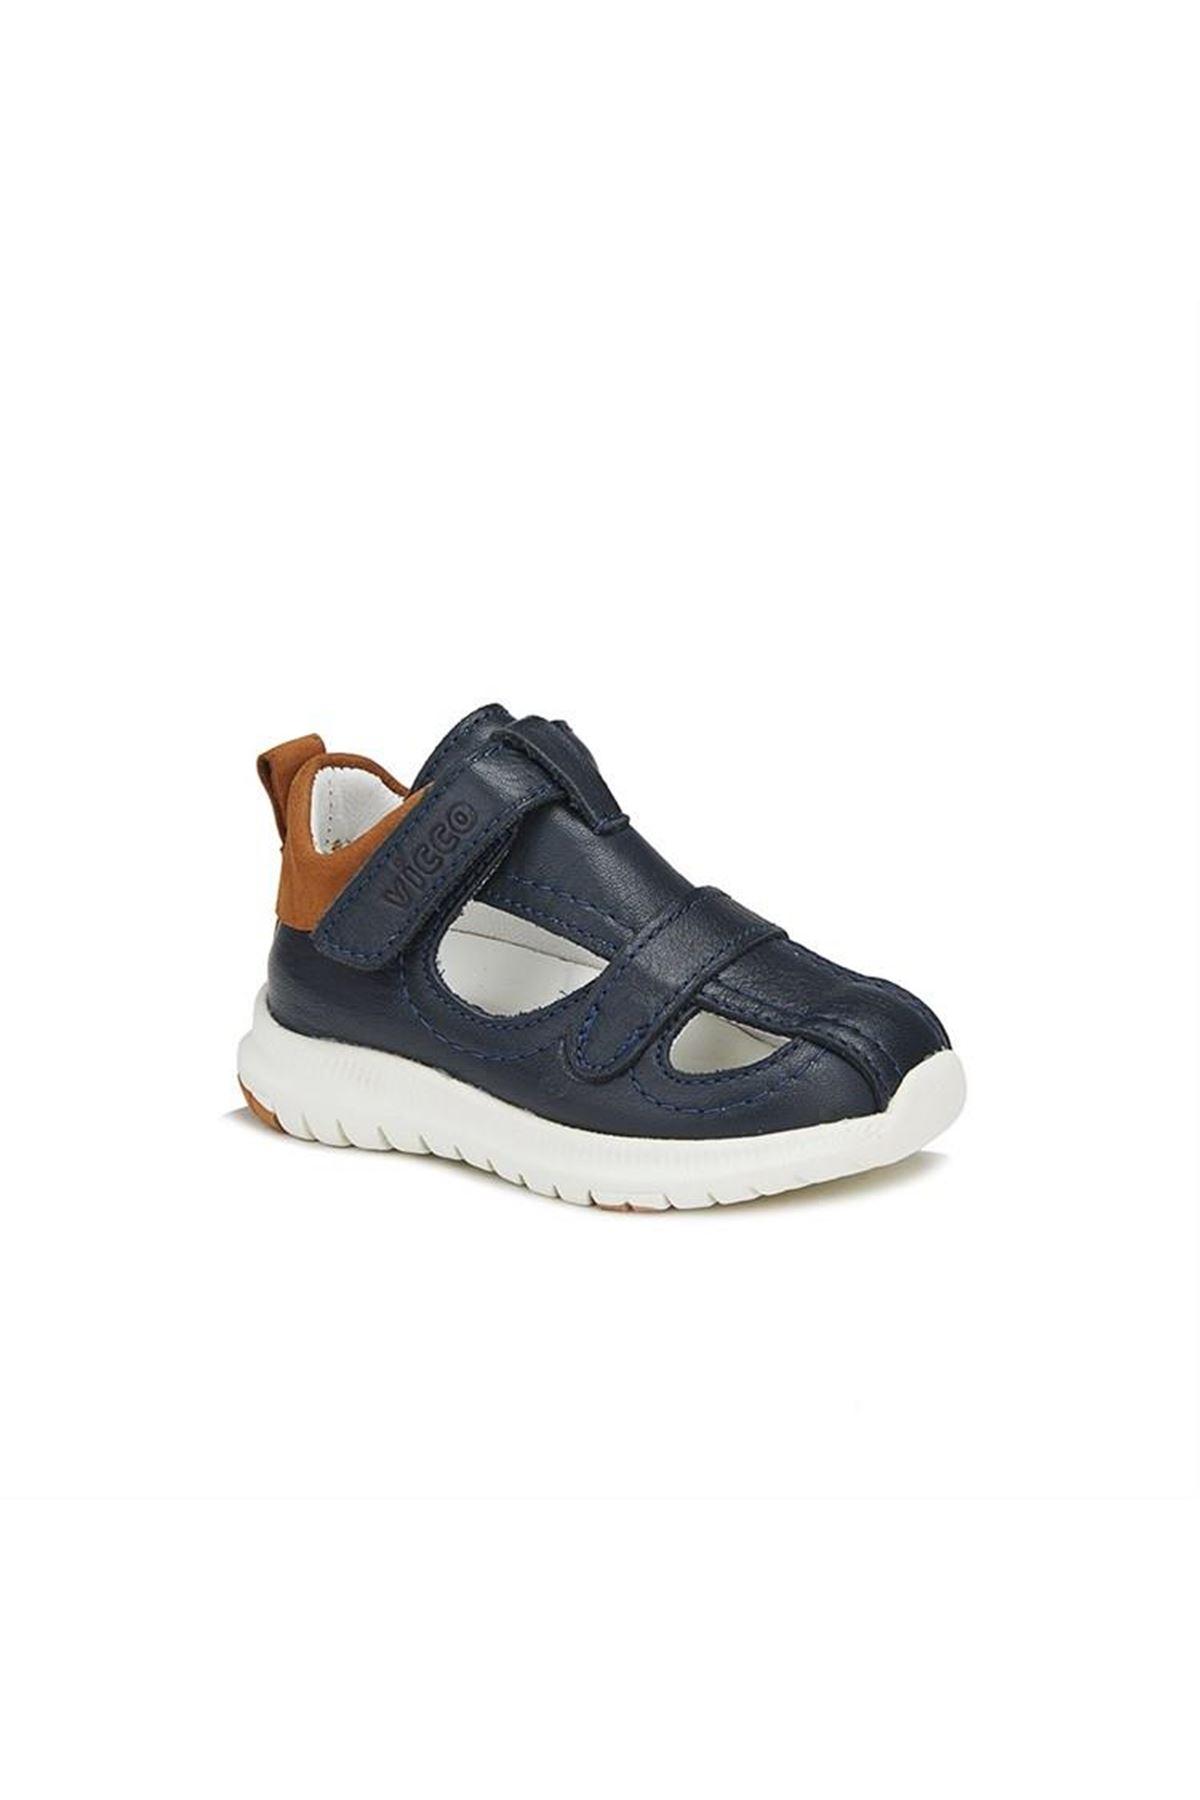 Vicco İlk Adım Phylon Deri Ayakkabı 910.E20Y.051 Lacivert